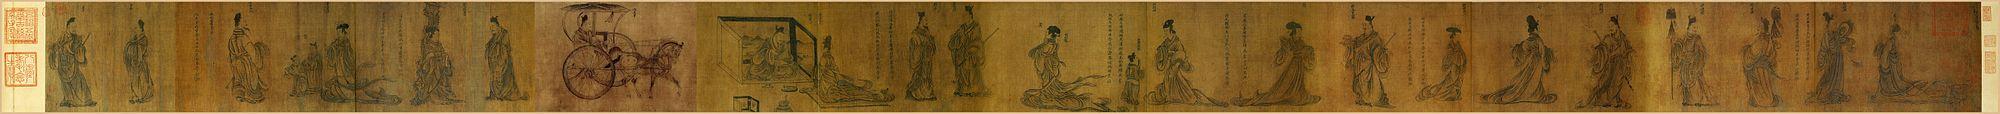 Гу Кайчжи. Свиток «Мудрые и добропорядочные женщины». Сунская копия свитка IV в. Гугун, Пекин.